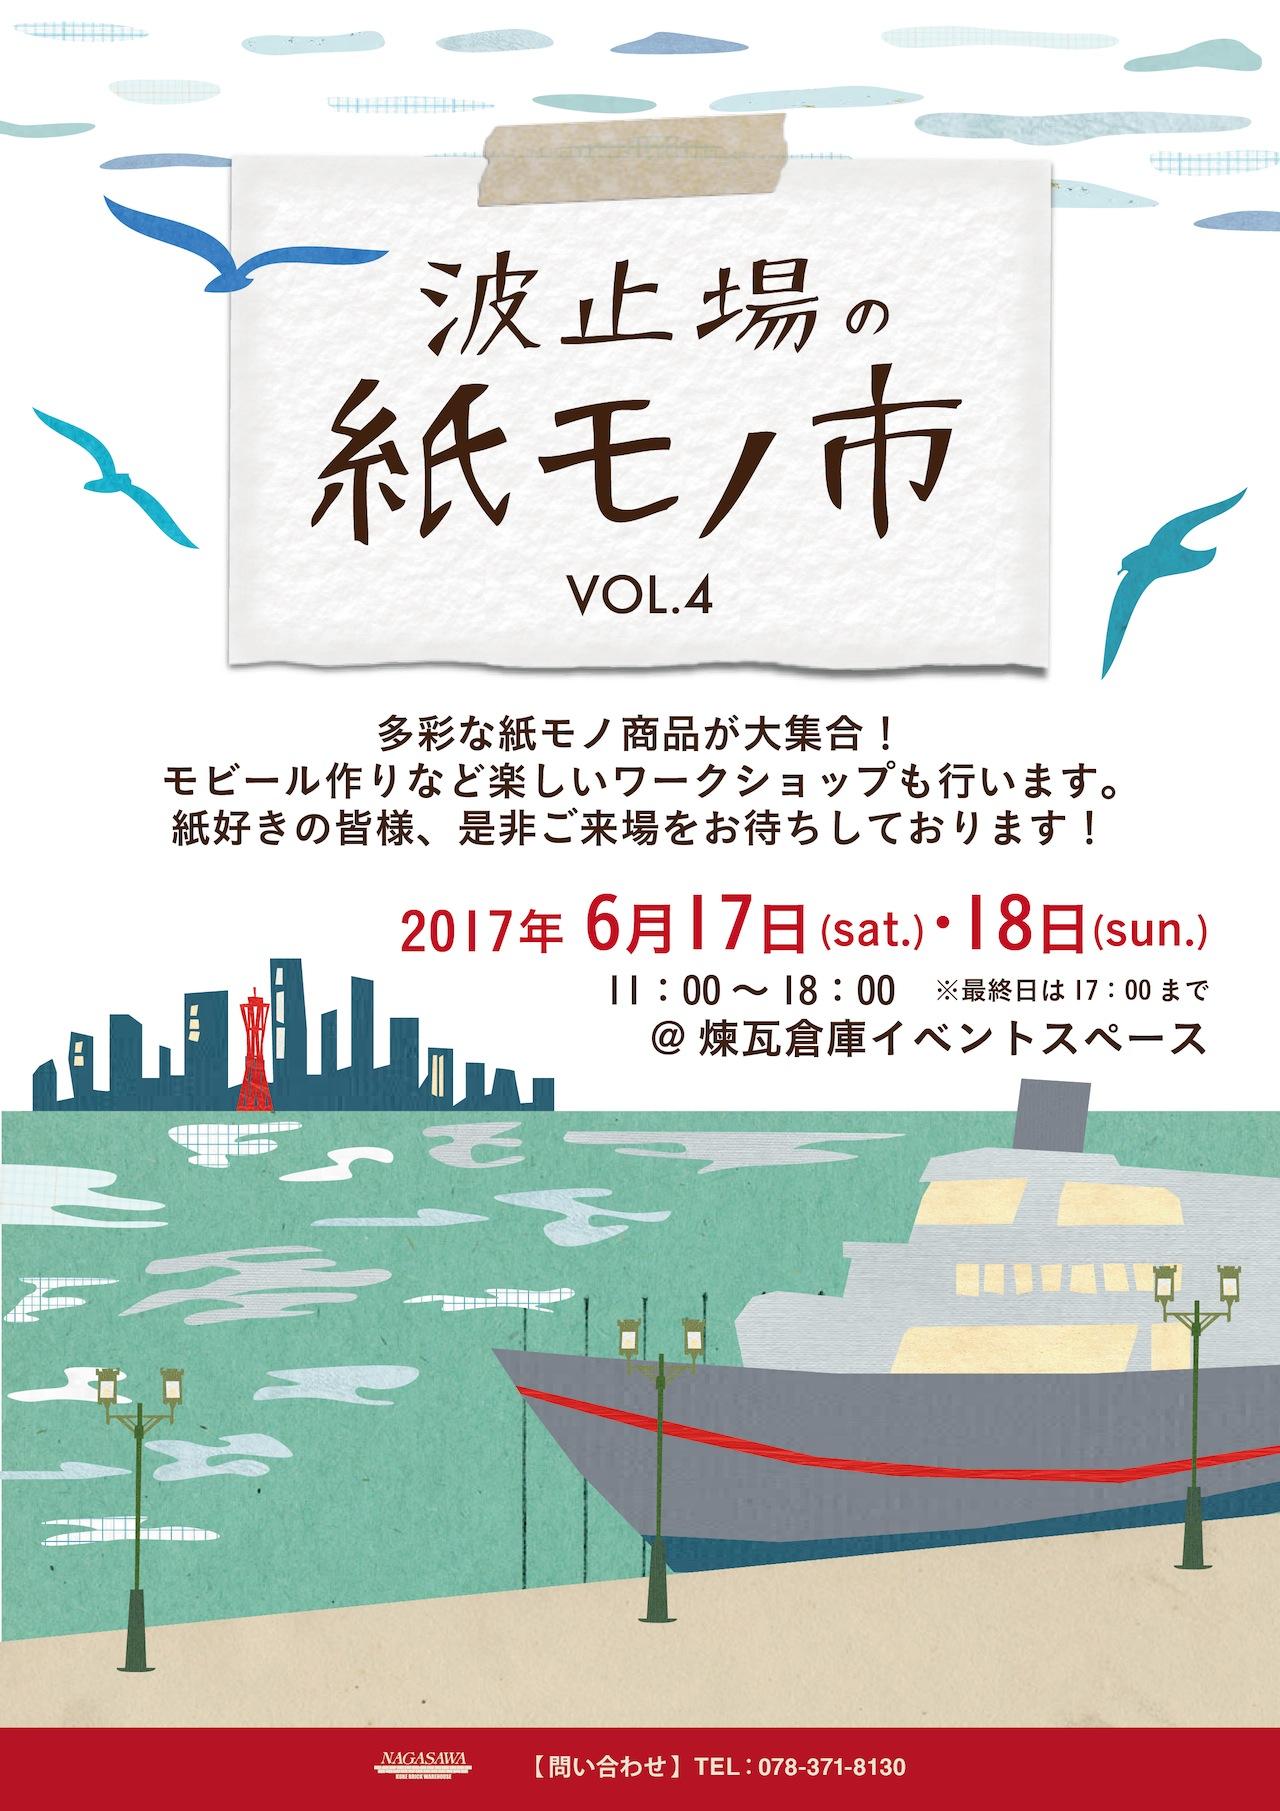 波止場の紙モノ市 VOL.4 @NAGASAWA神戸煉瓦倉庫店